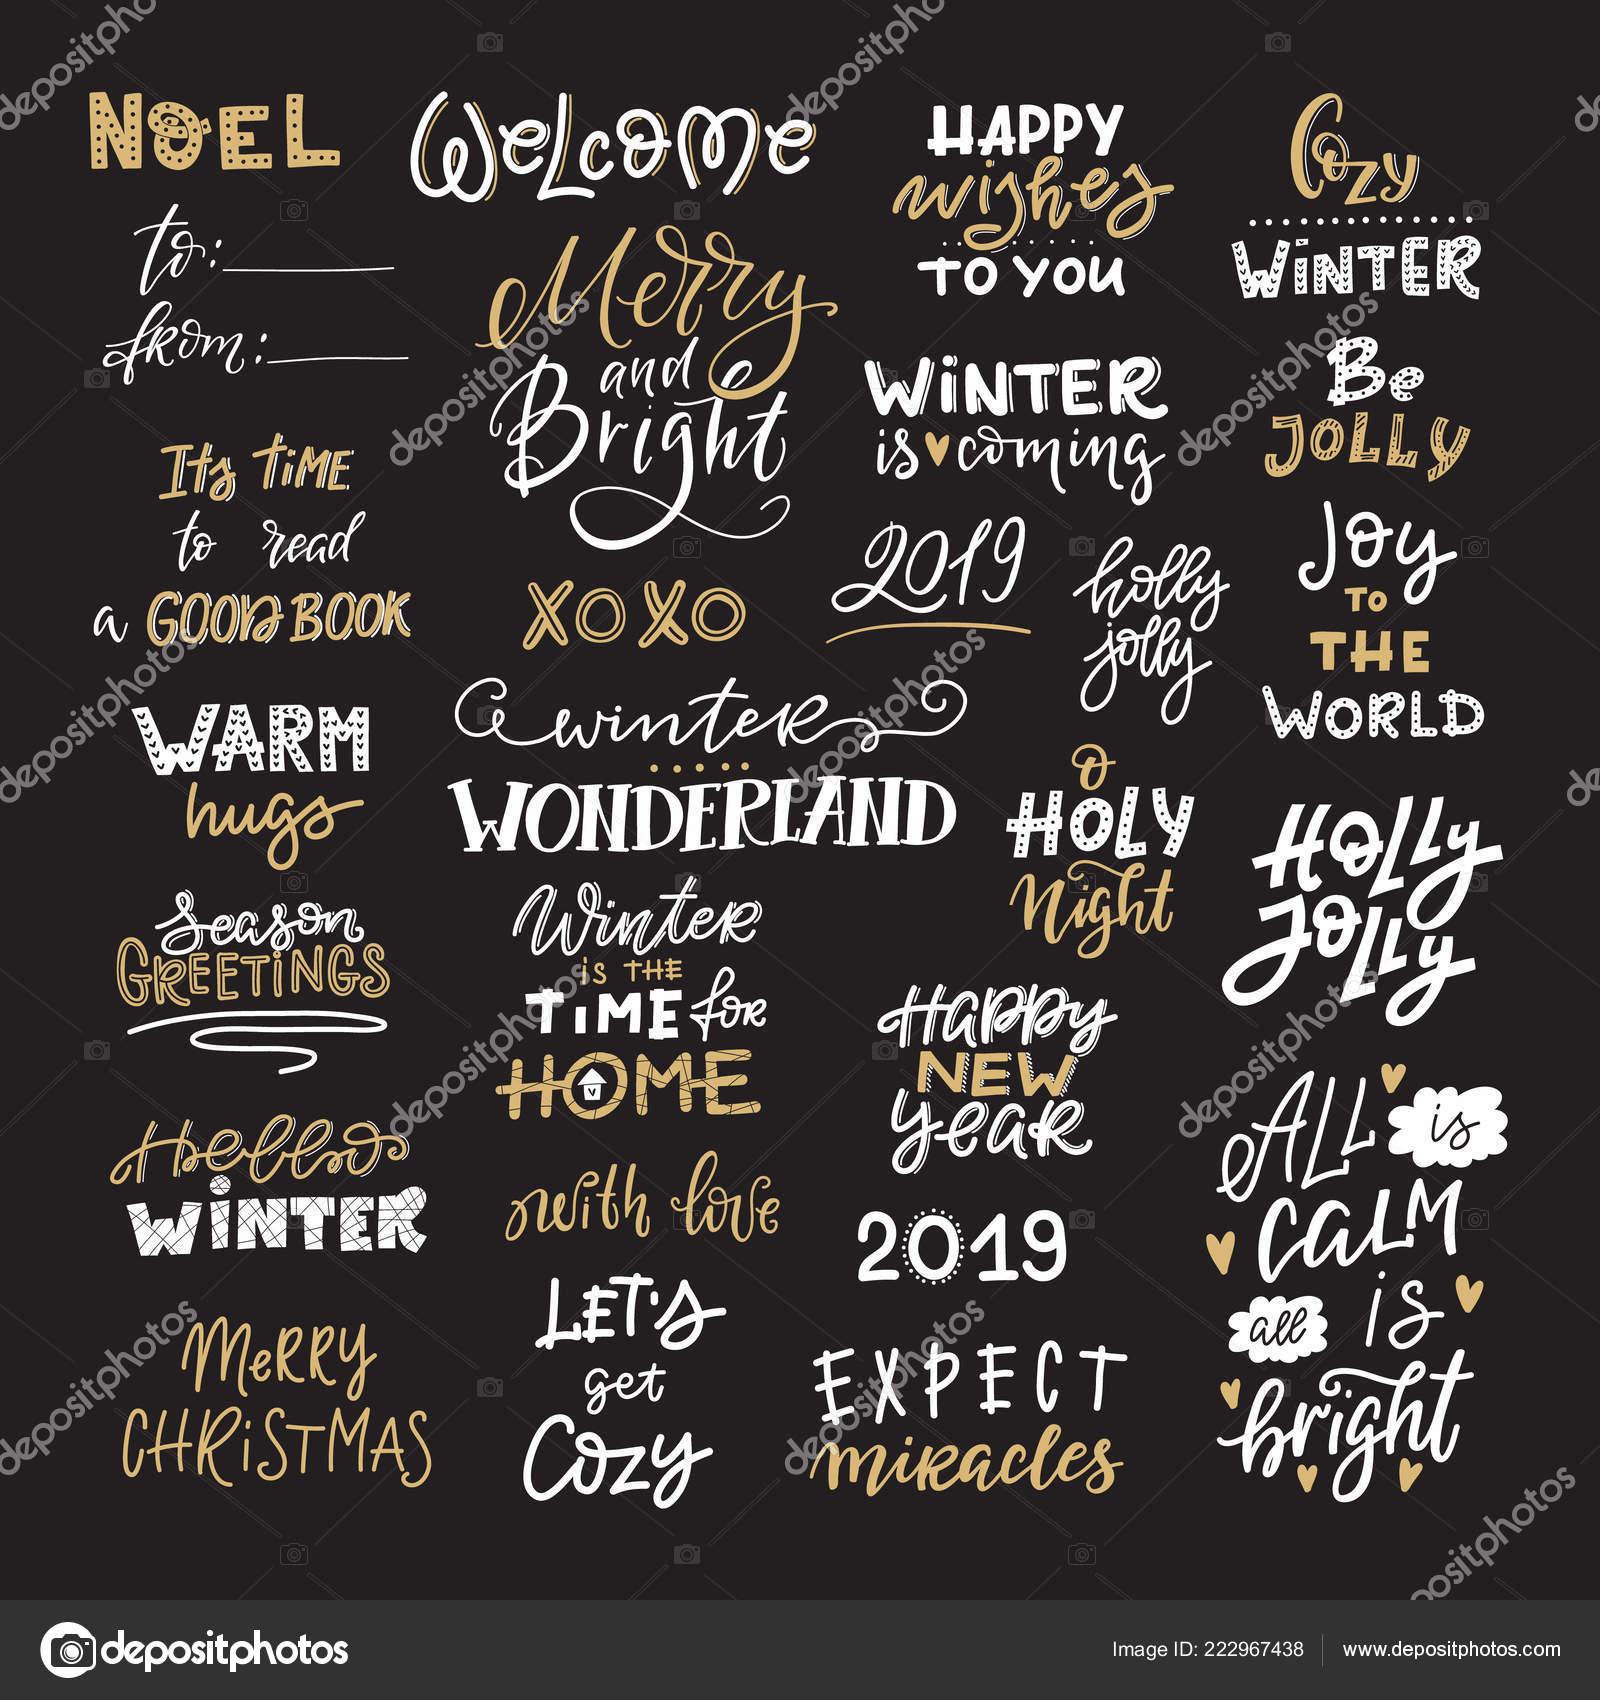 Zitate Weihnachten.Vektor Winter Schriftzug Hand Gezeichnet Phrase Und Zitate Frohe